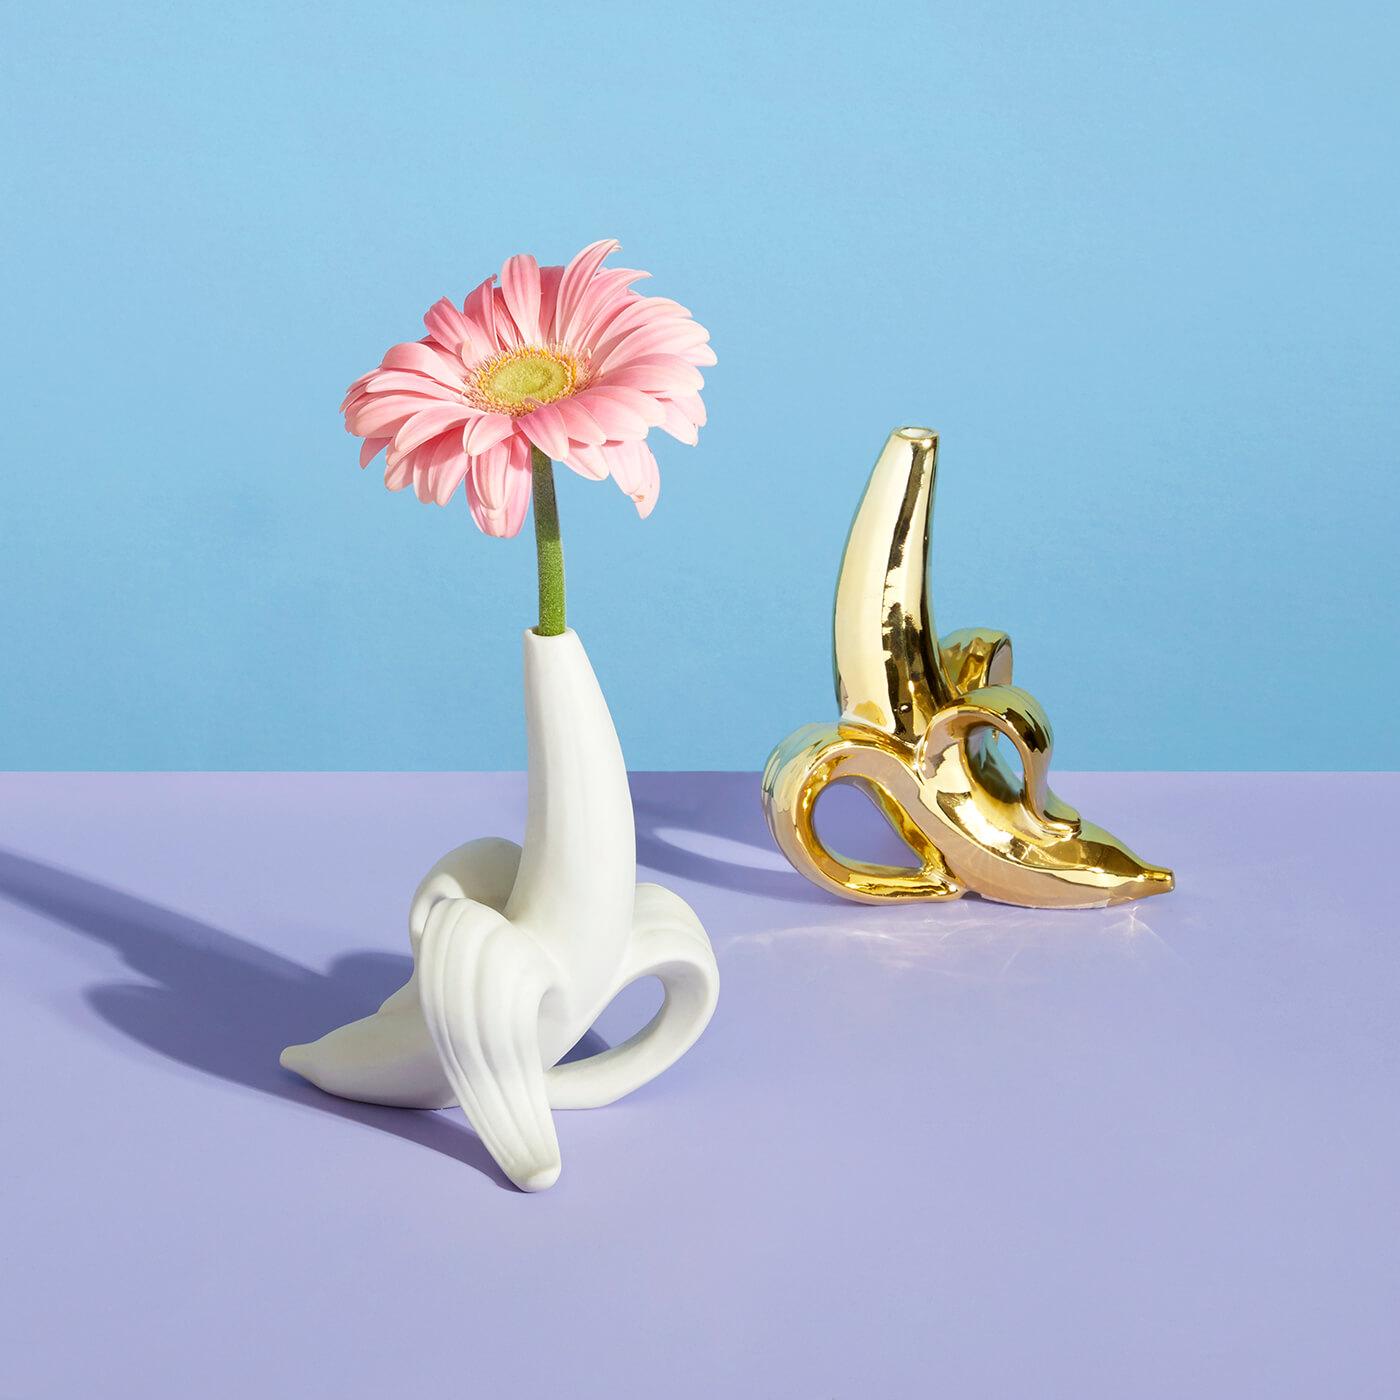 Jonathan Adler Bananen Vase in Gold und Weiss